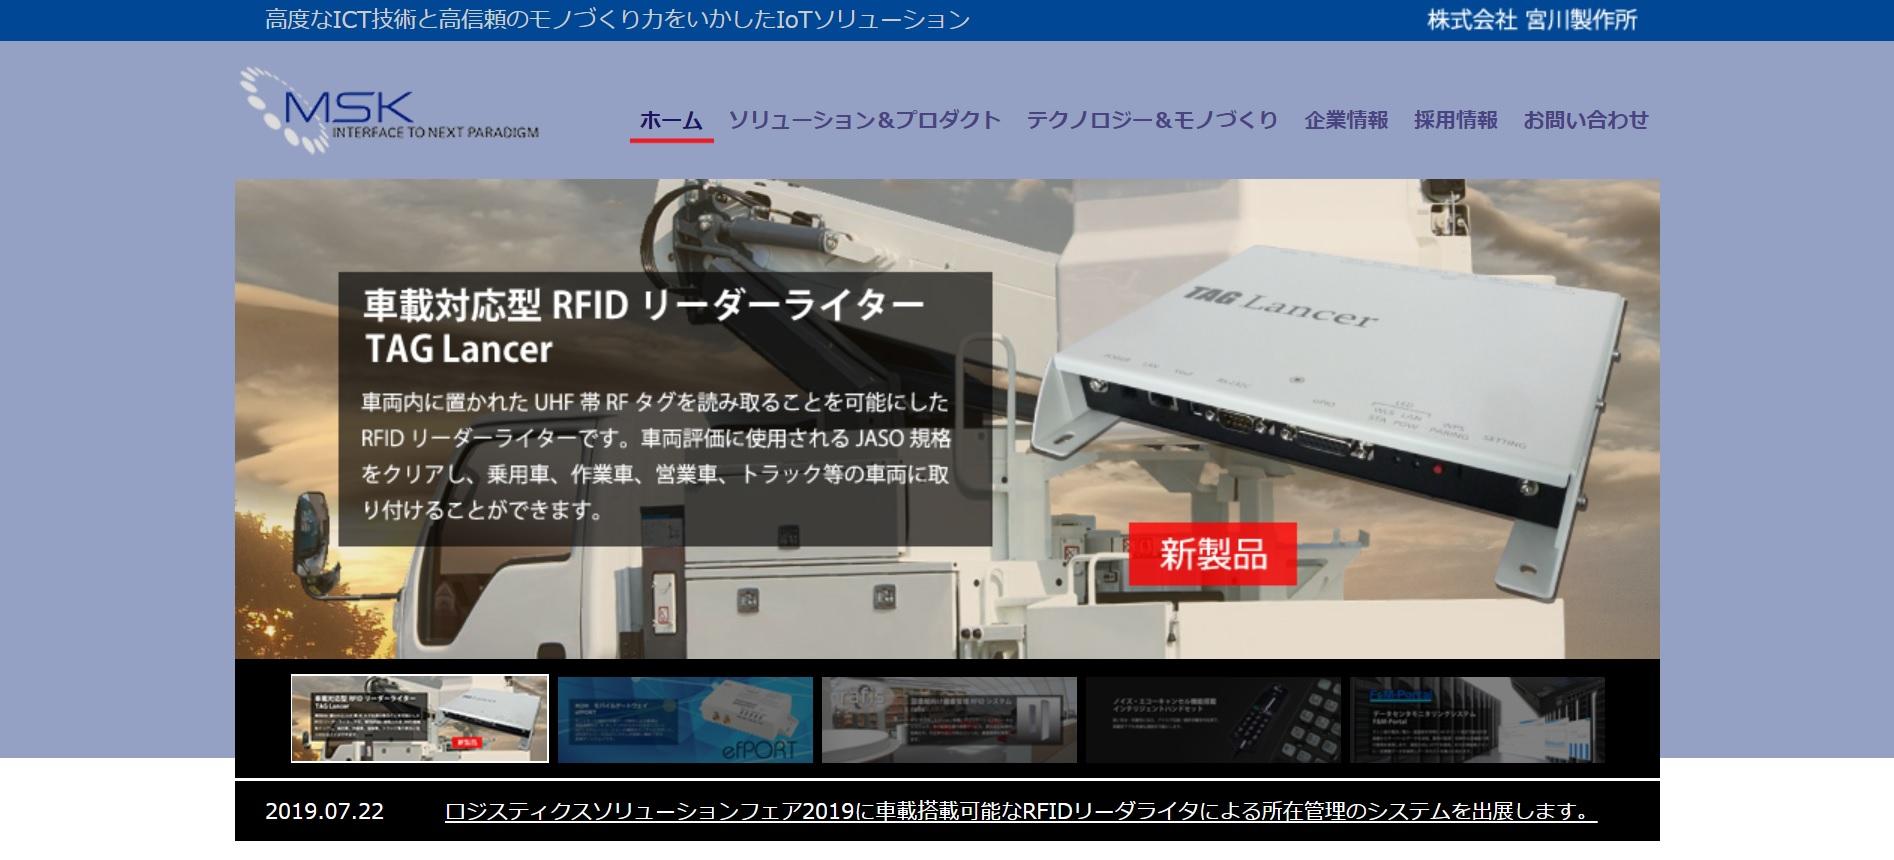 宮川製作所のトップ画像